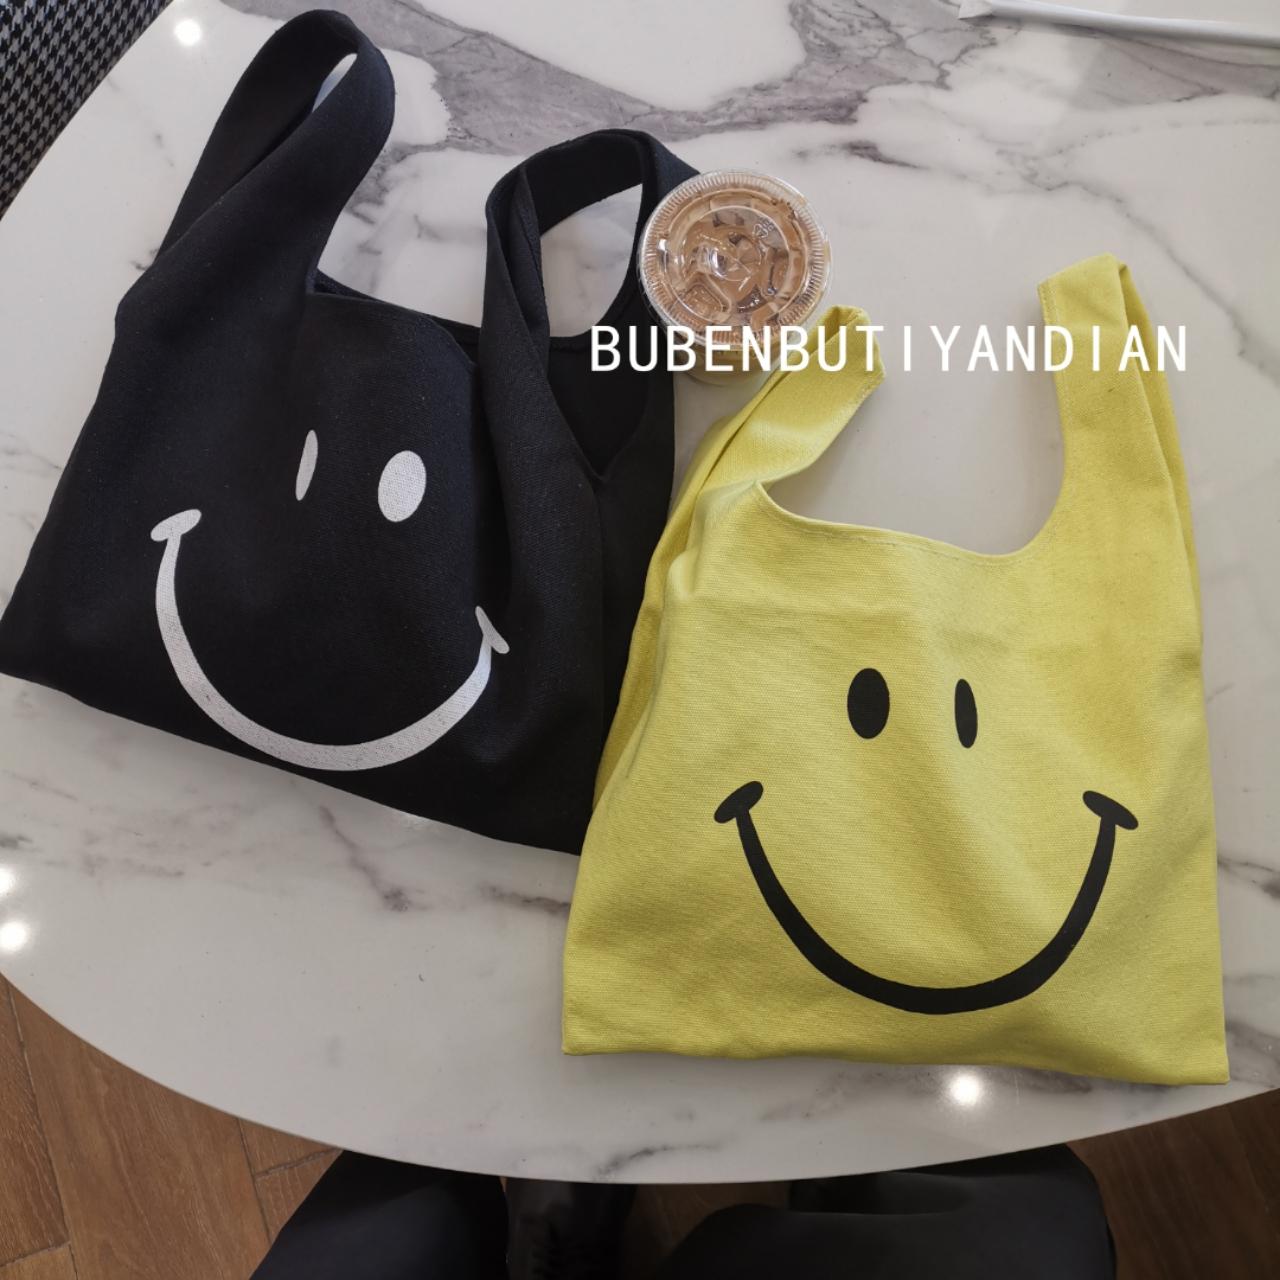 黑色手提包 自创新款手提笑脸帆布包女ins风小清新黑色黄色手腕东大门购物袋_推荐淘宝好看的黑色手提包